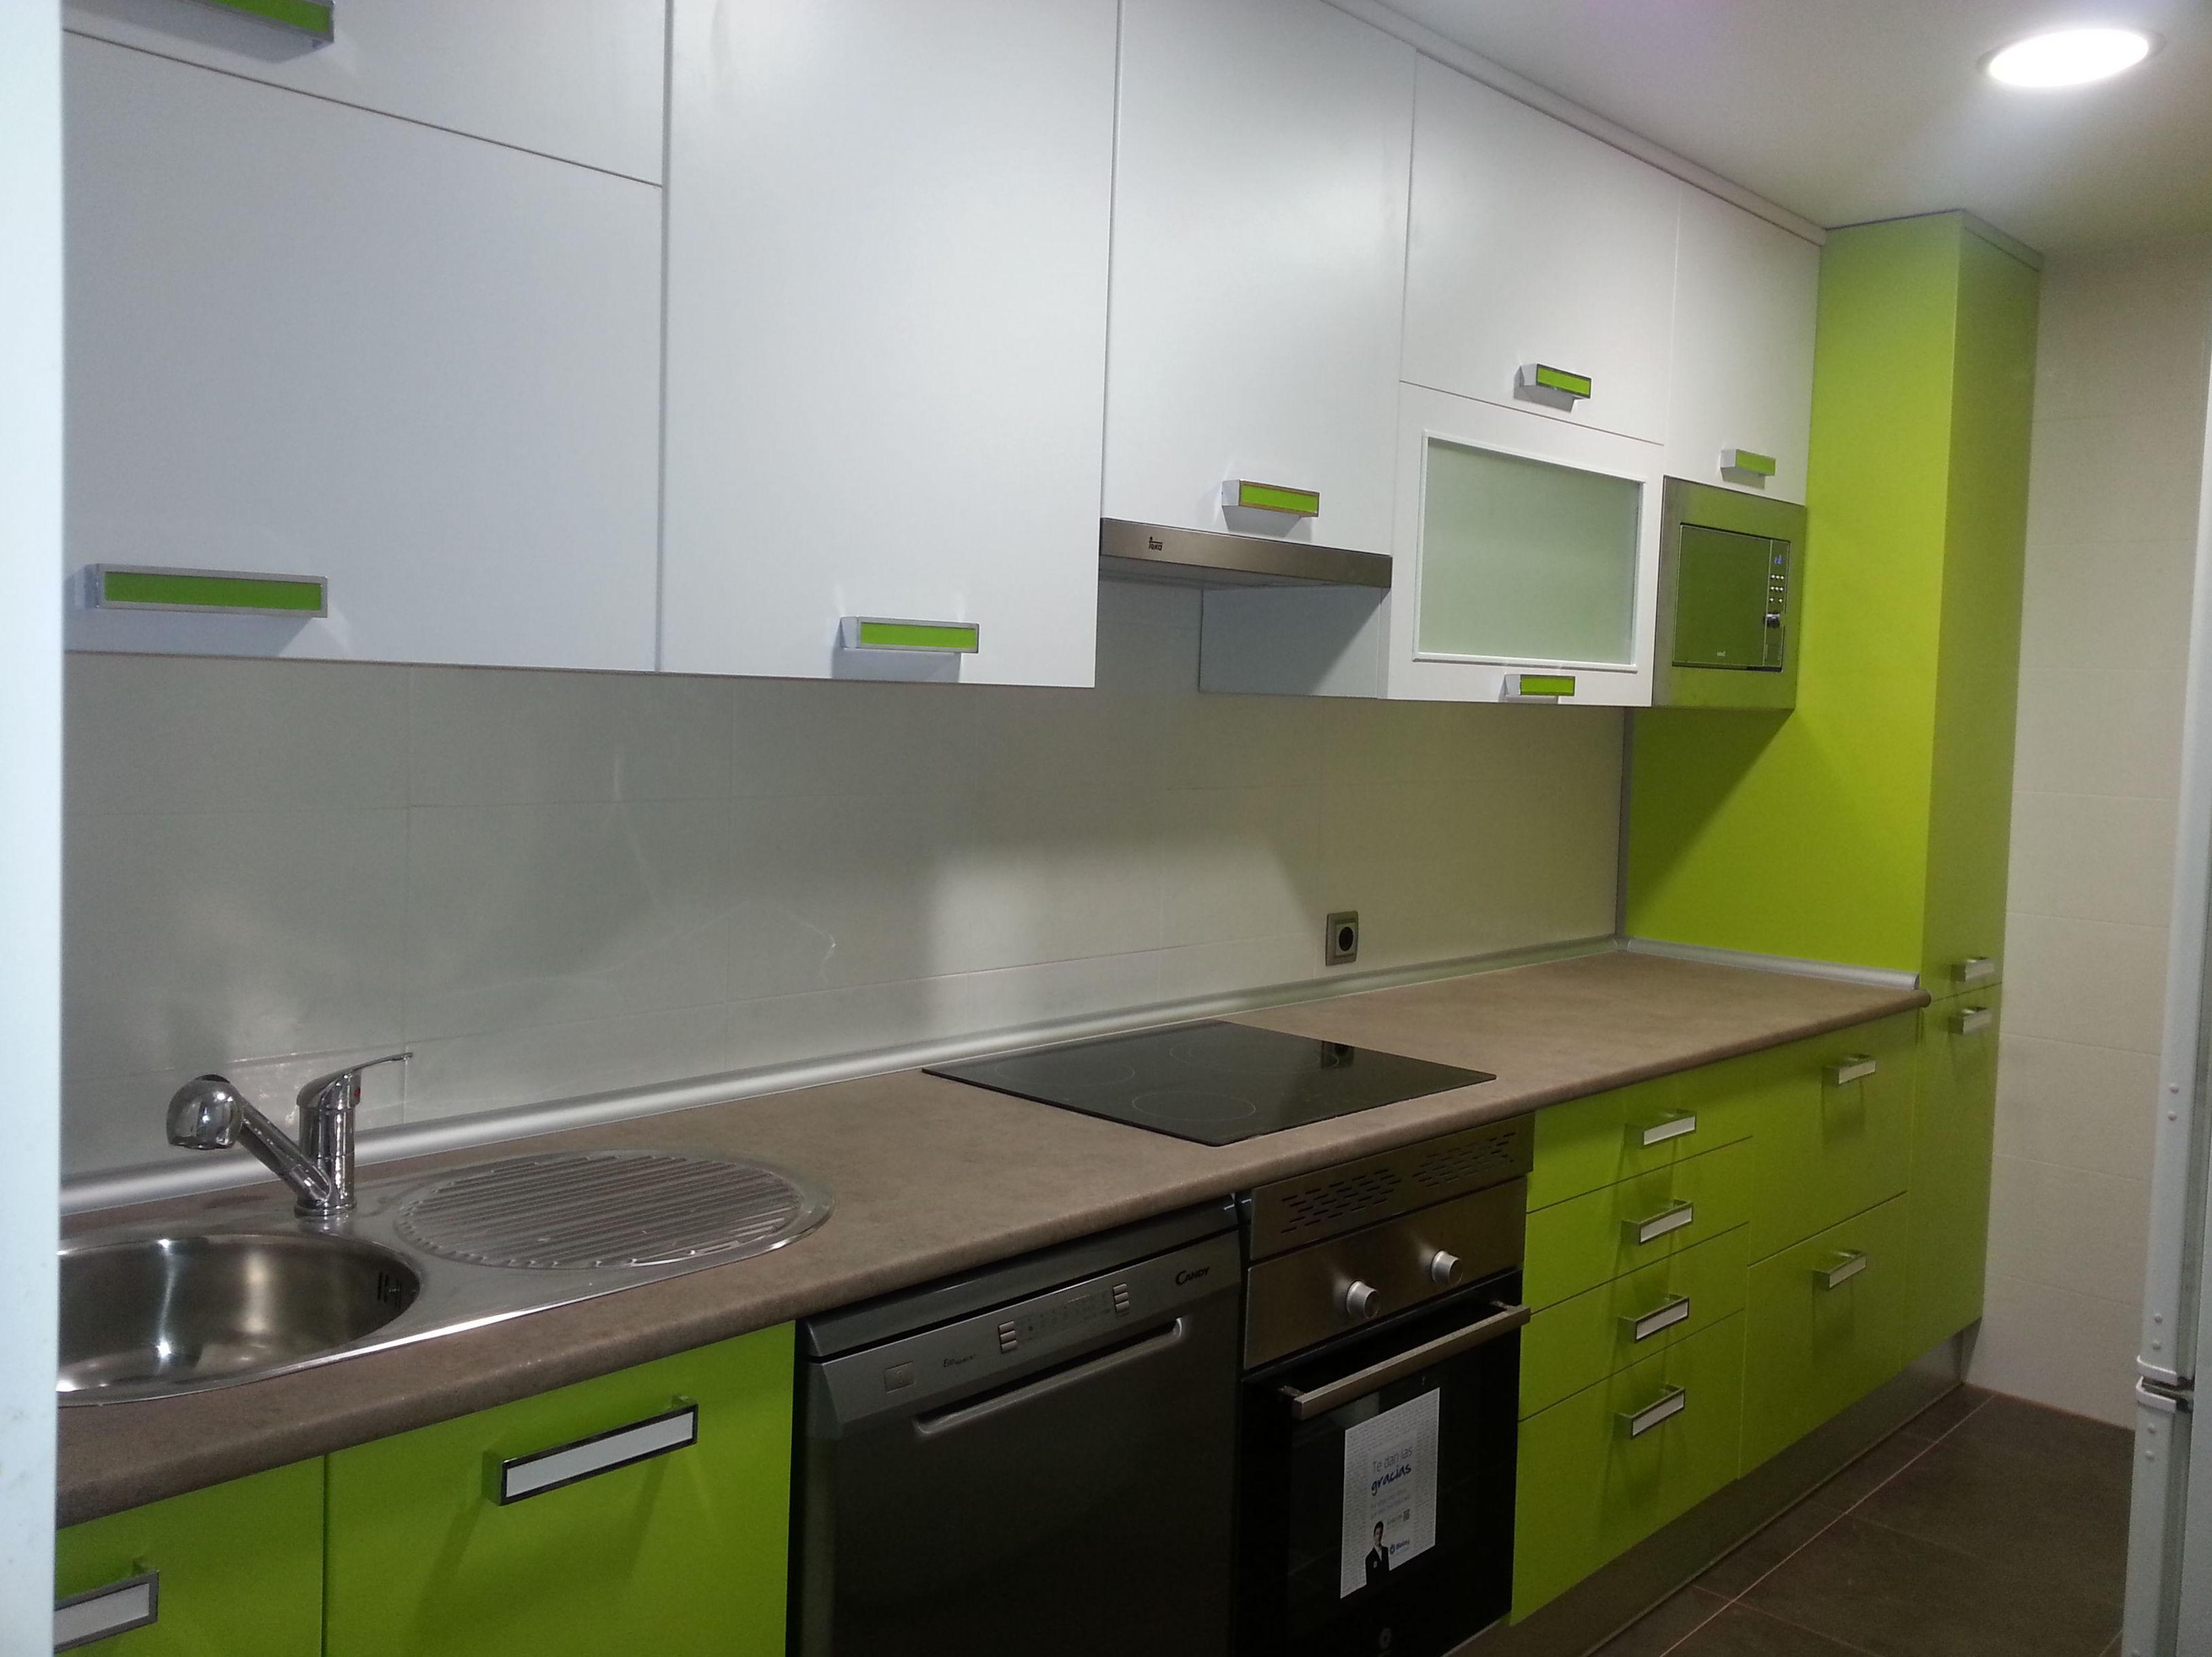 Foto 5 de Muebles de baño y cocina en Madrid | Estudios y Proyectos de Cocina Moderna